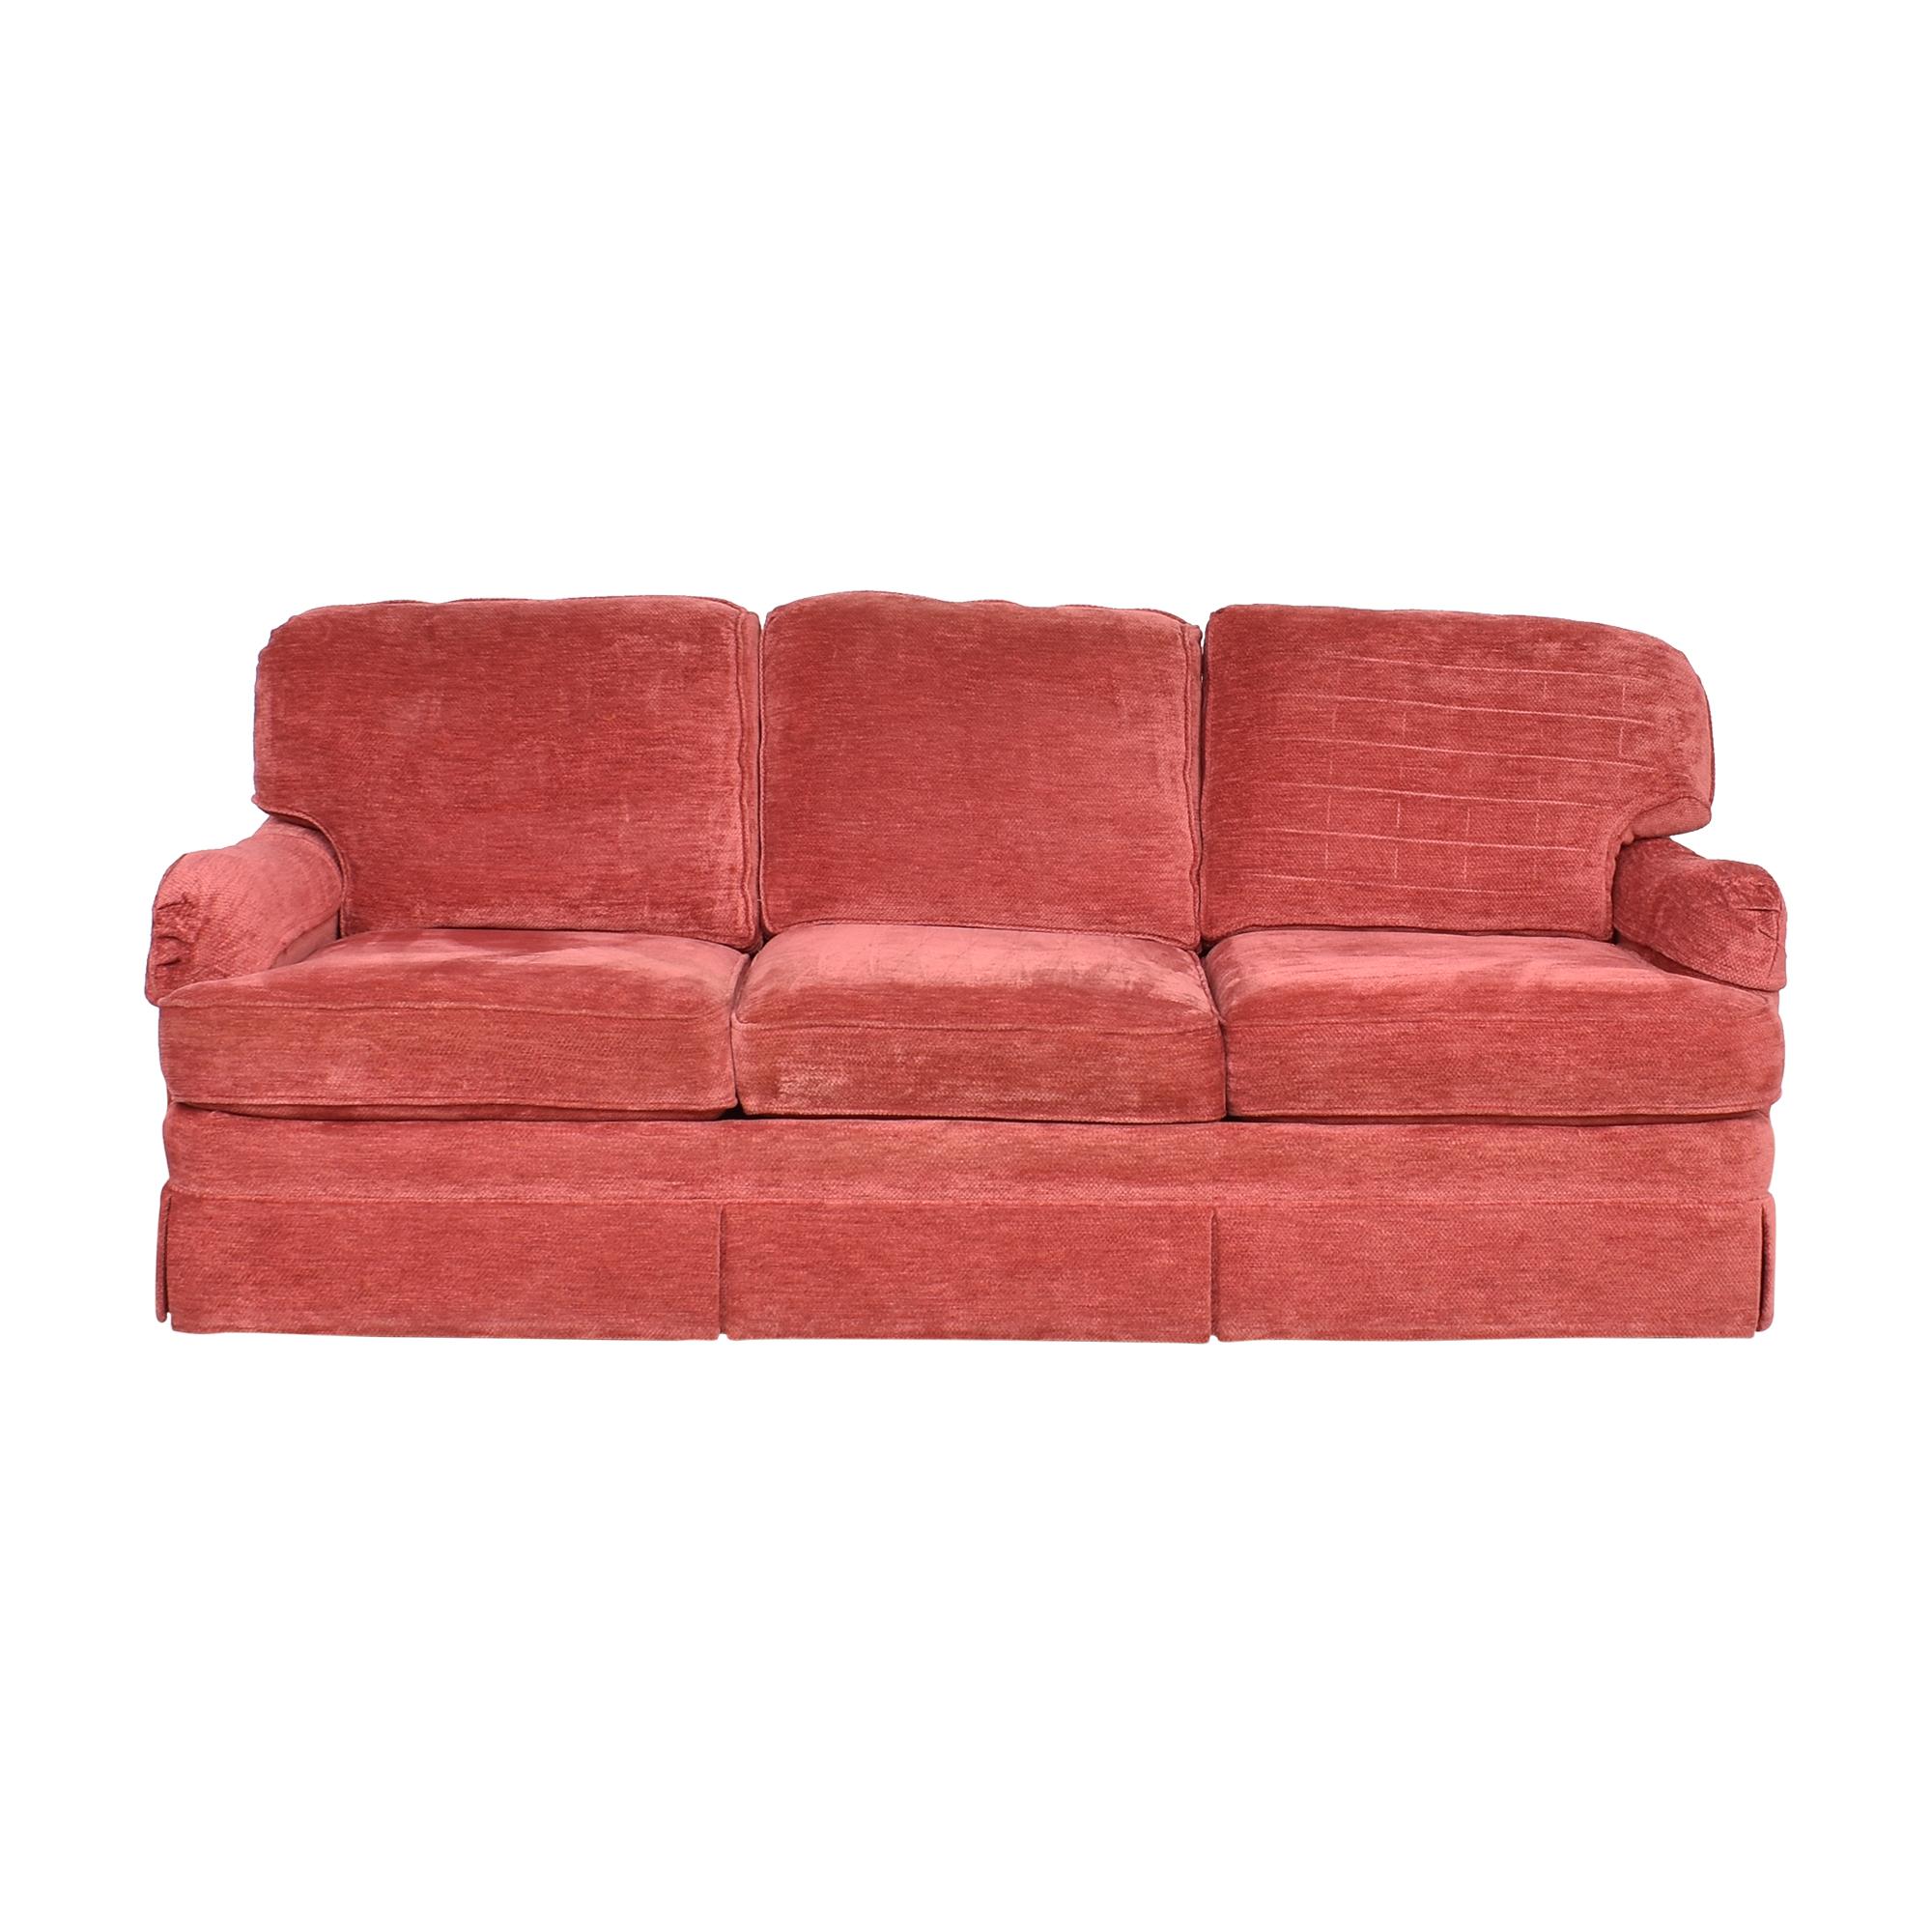 Hamilton House Hamilton House Three Cushion Sofa nyc